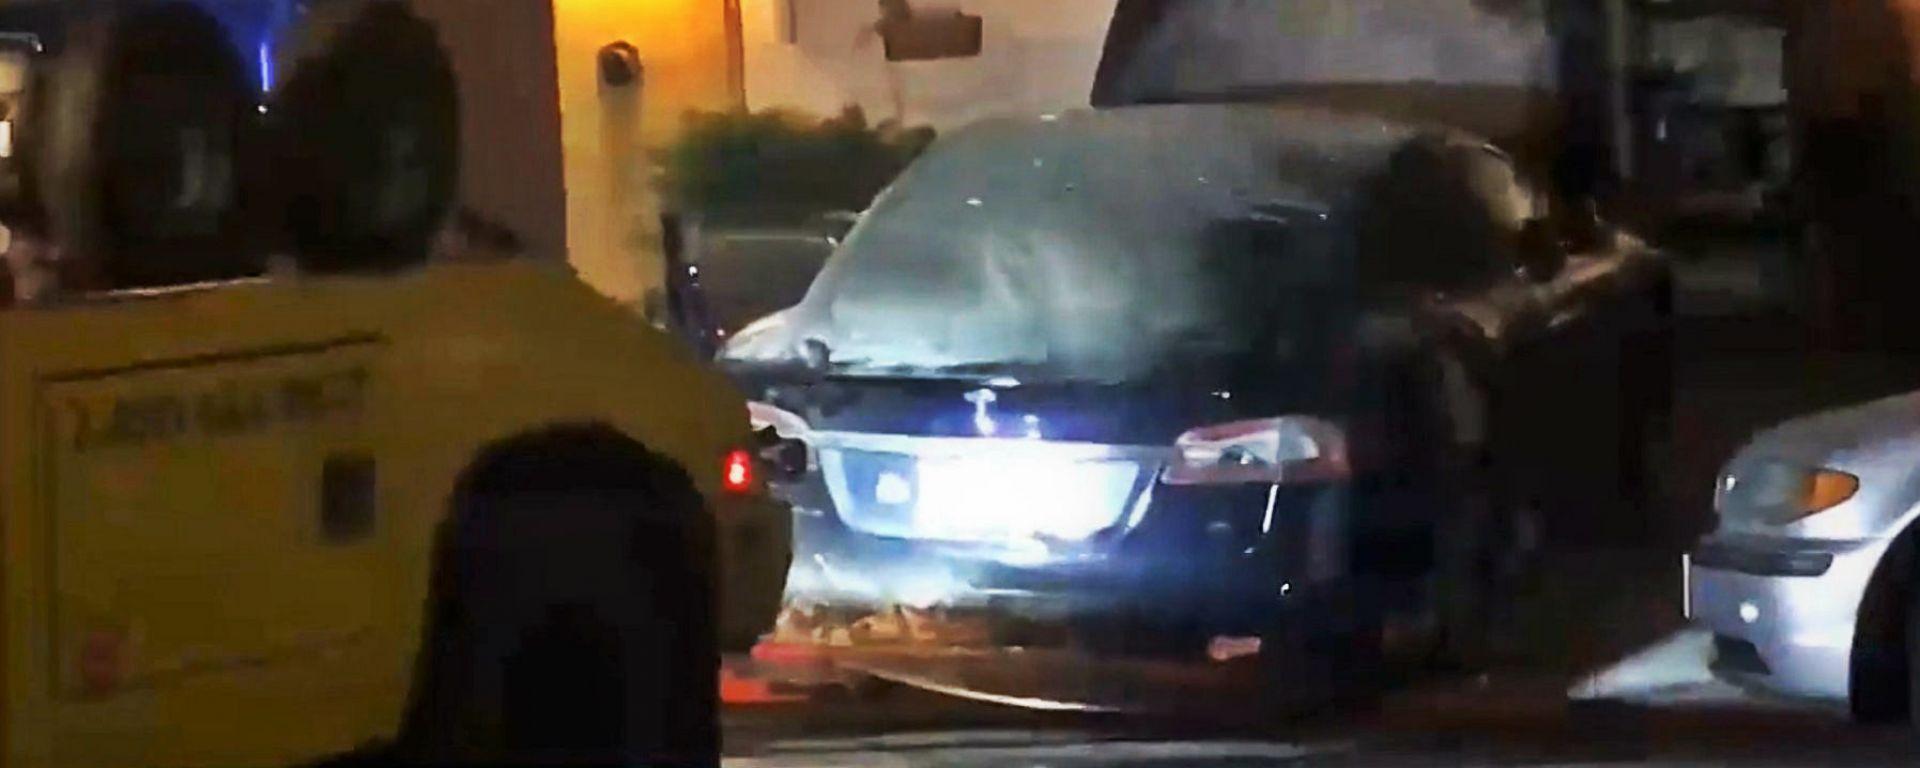 La Tesla Model S andata a fuoco nel garage di San Francisco